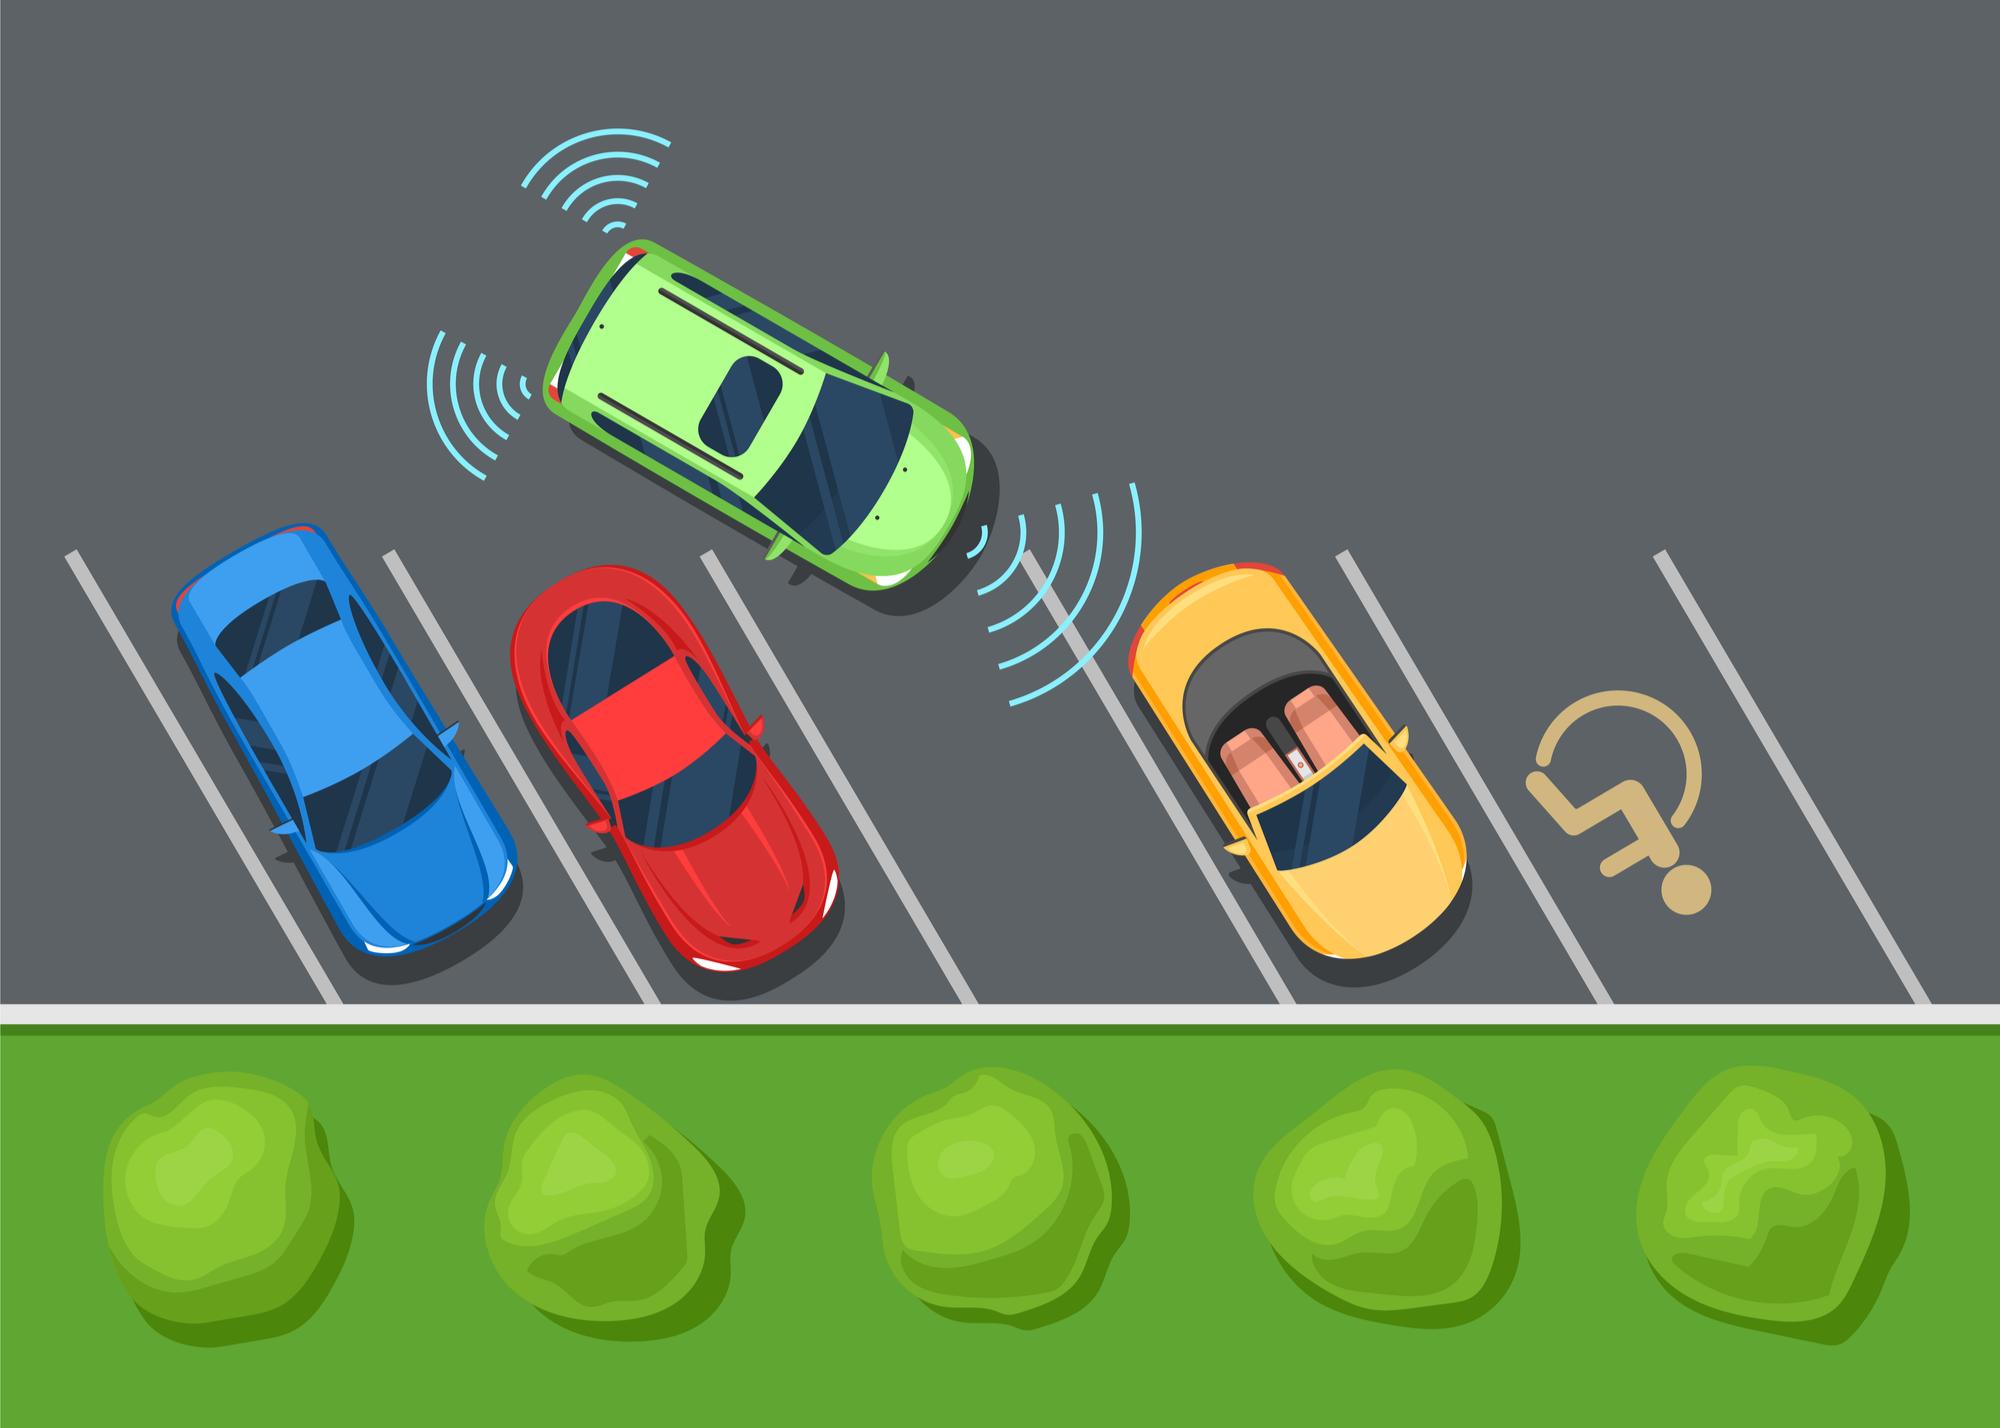 IoT in Smart Parking - IoT Applications - Edureka